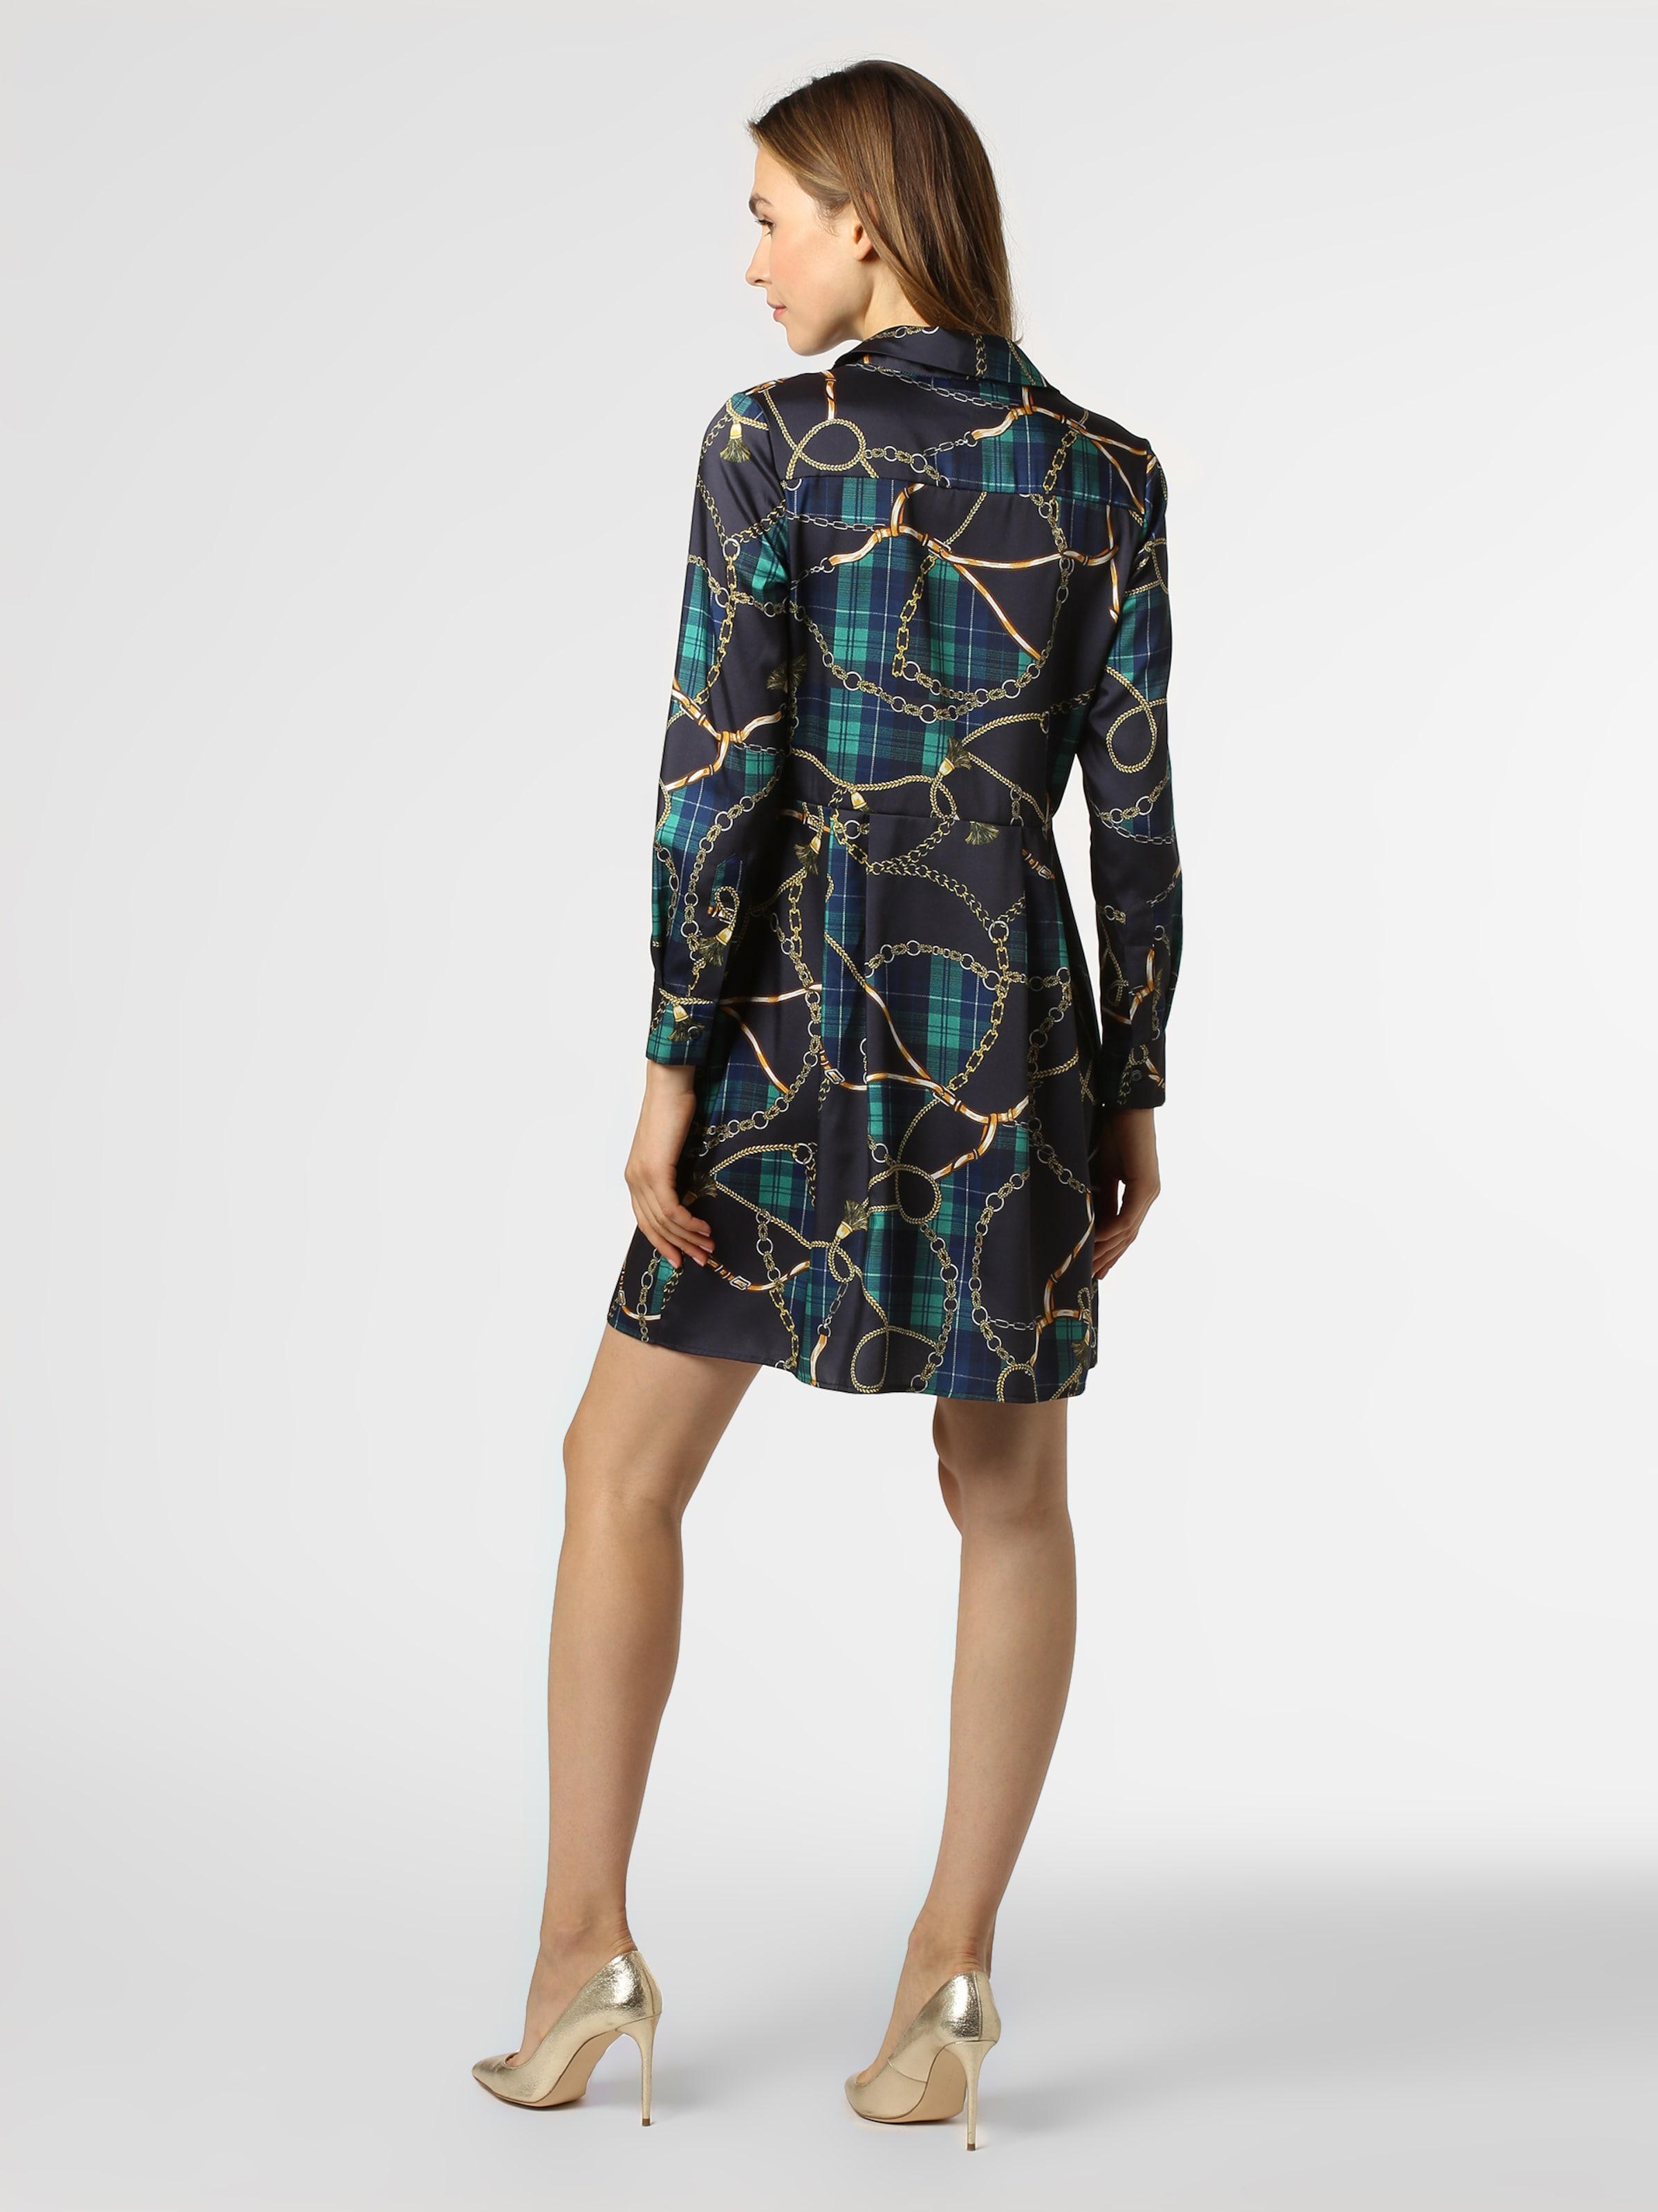 Kleid BlauMarine Goldgelb In Jade Marie Lund nOy8N0wvm